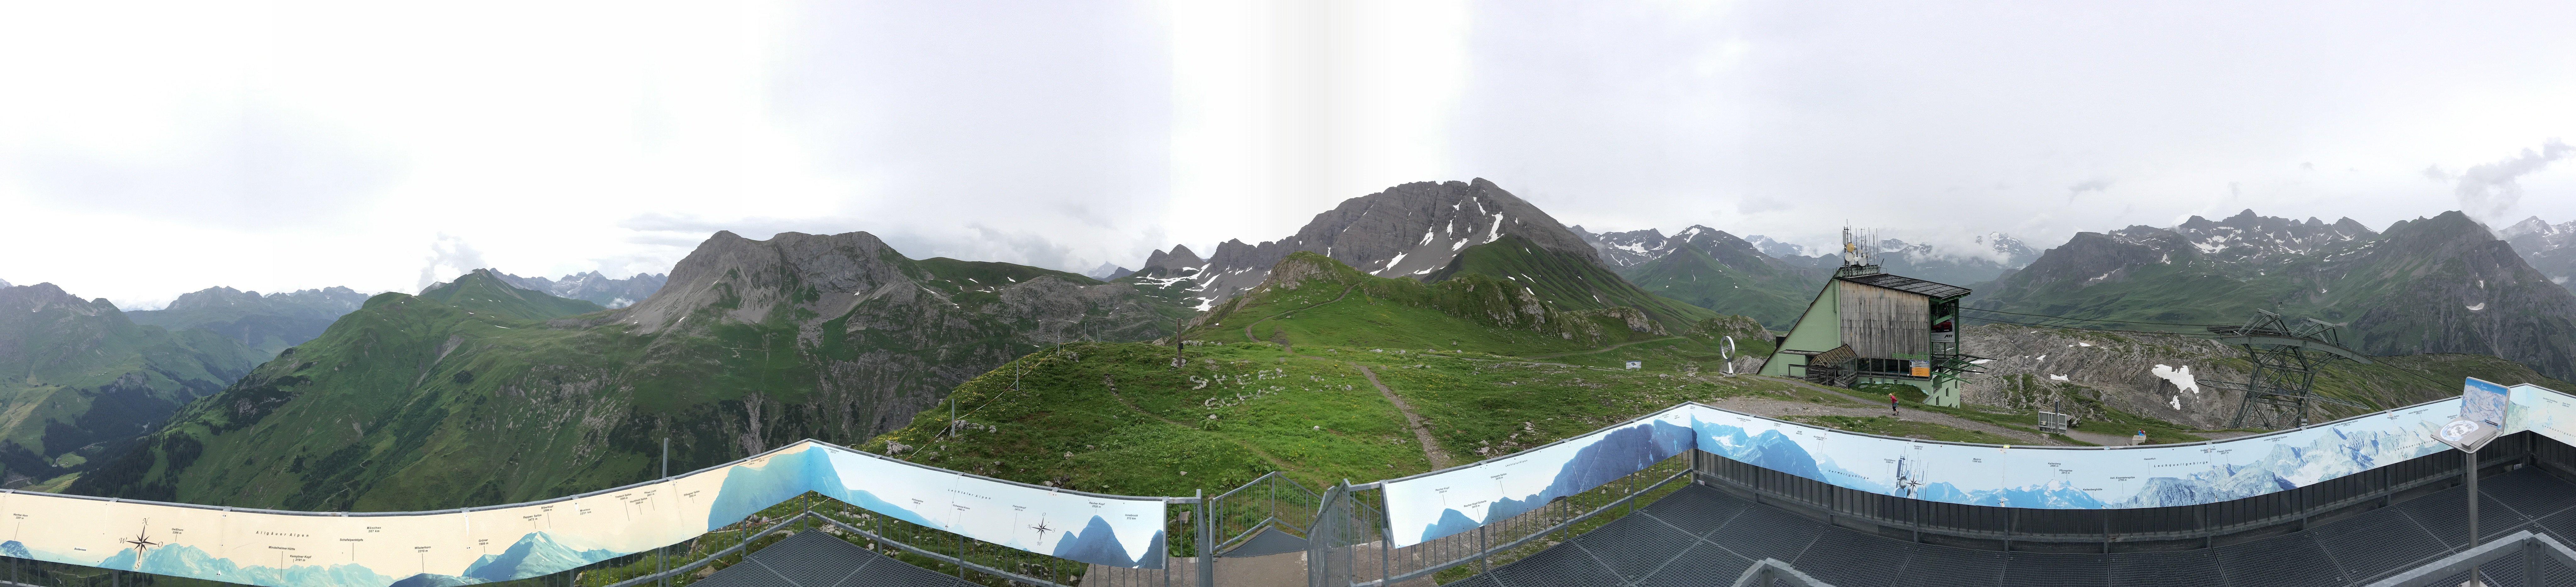 180 Grad Panorama Aufnahme vom Rüfikopf aus